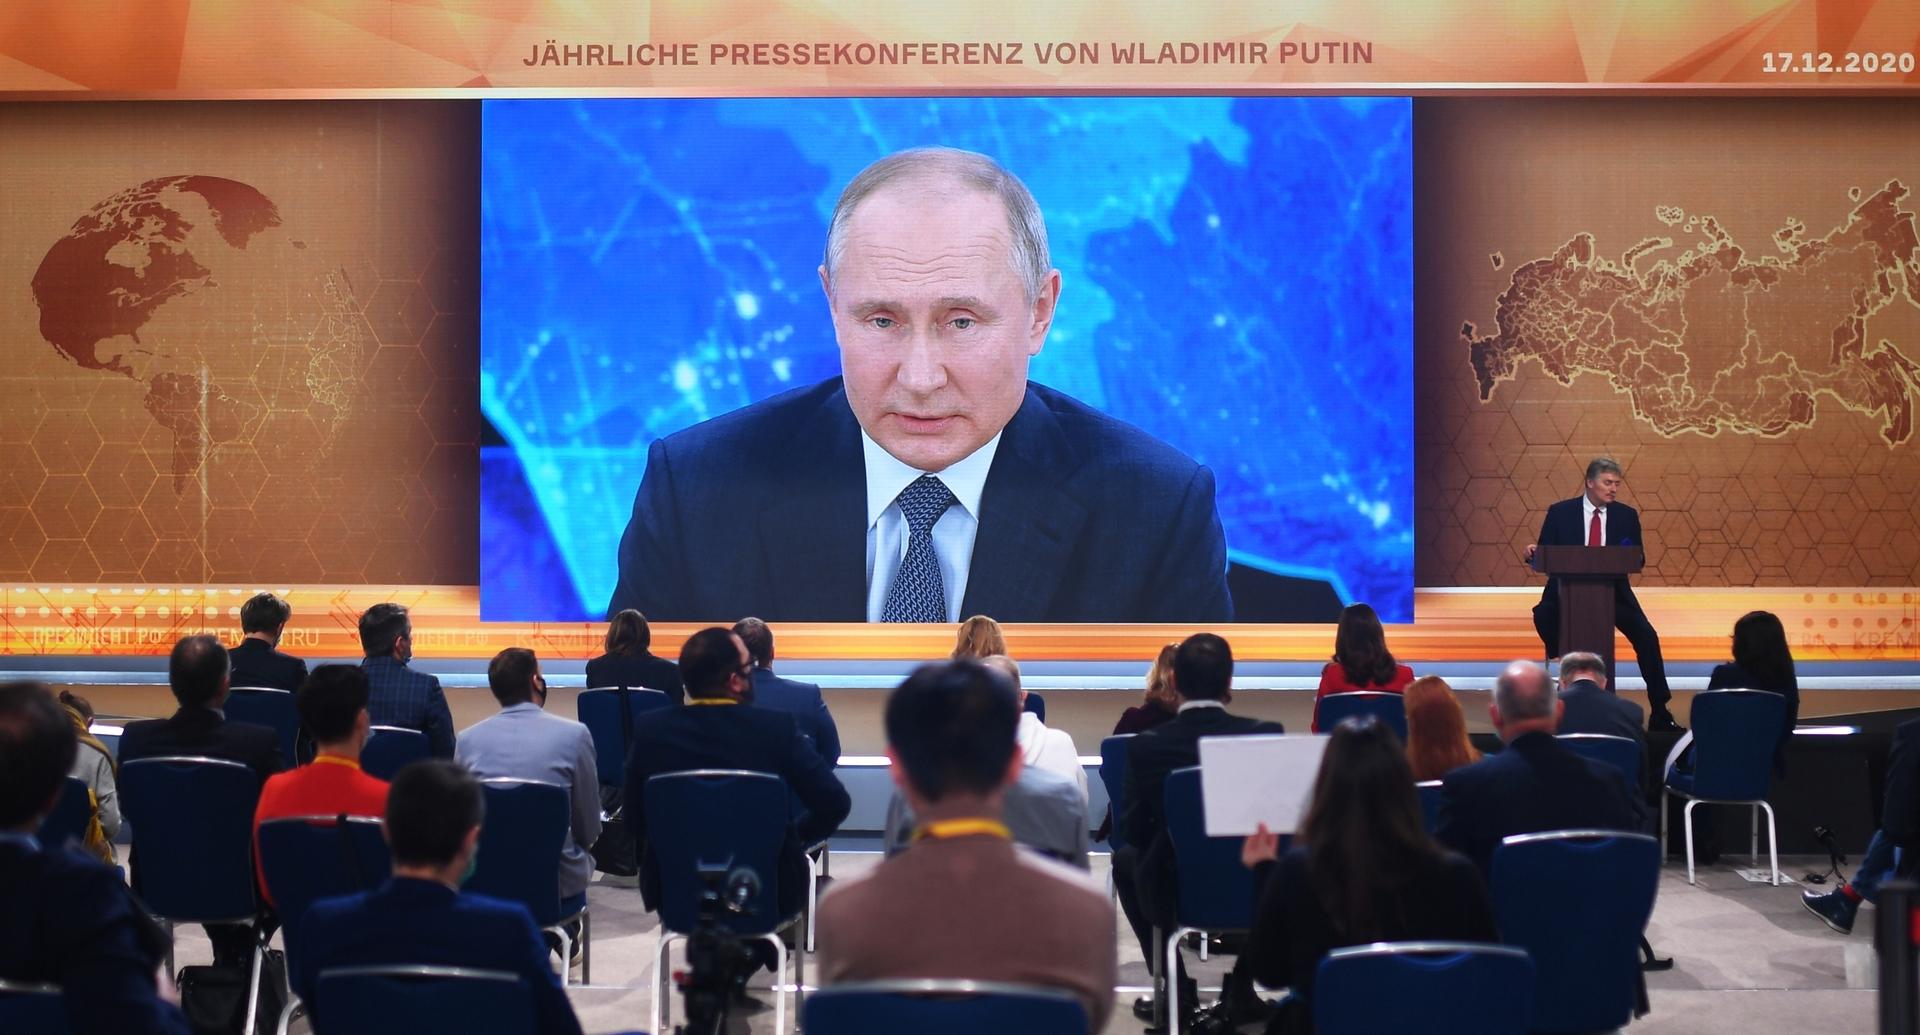 بوتين يكشف عن رأيه بشأن مستقبل ترامب السياسي